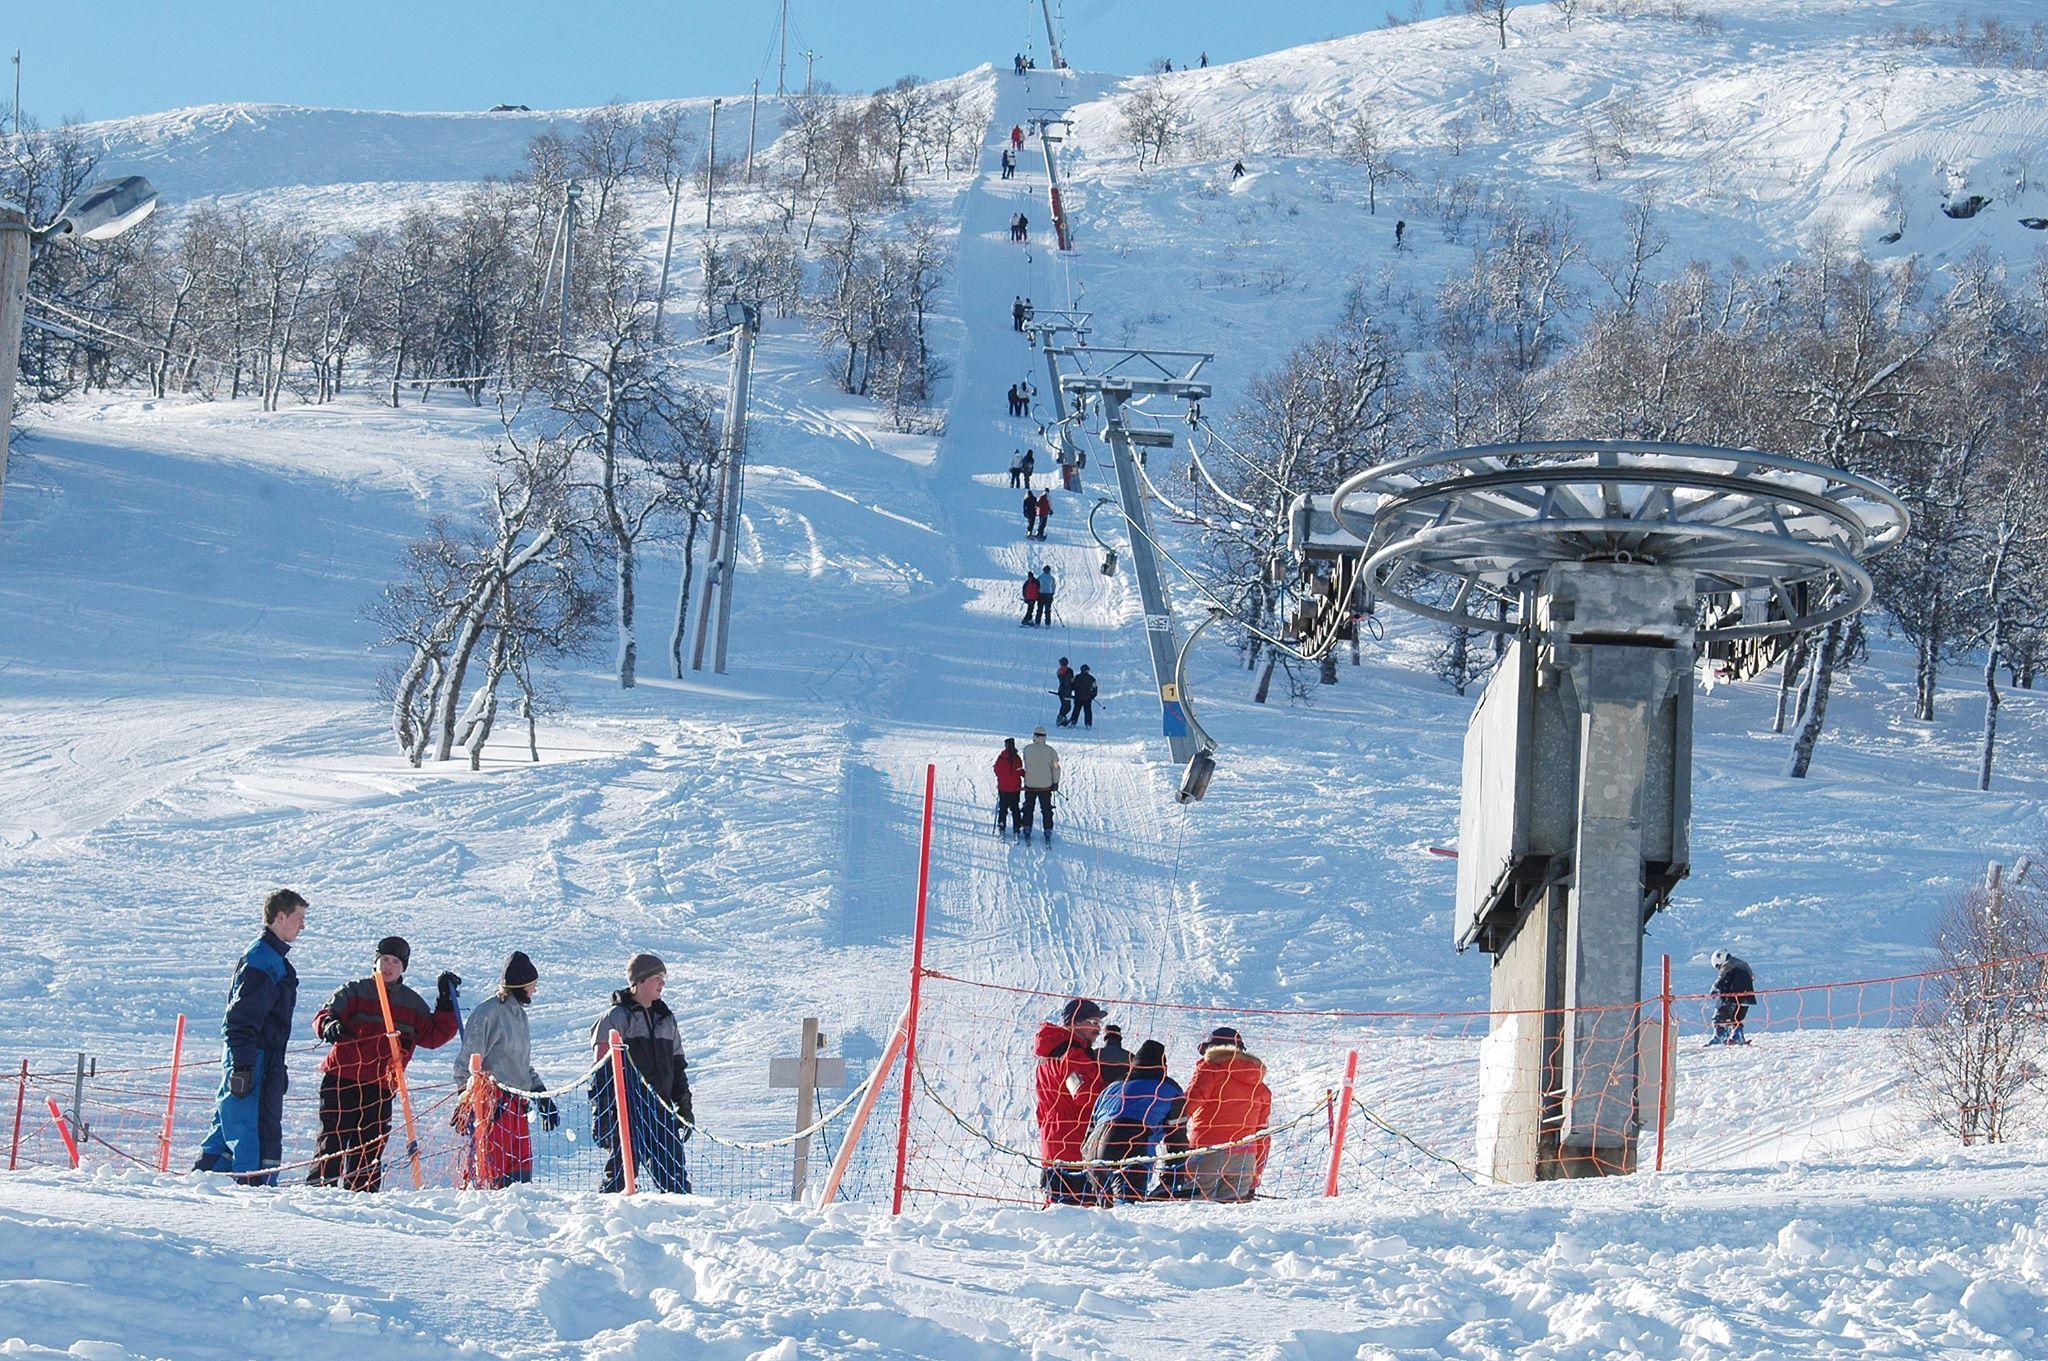 Menneske i slalombakke